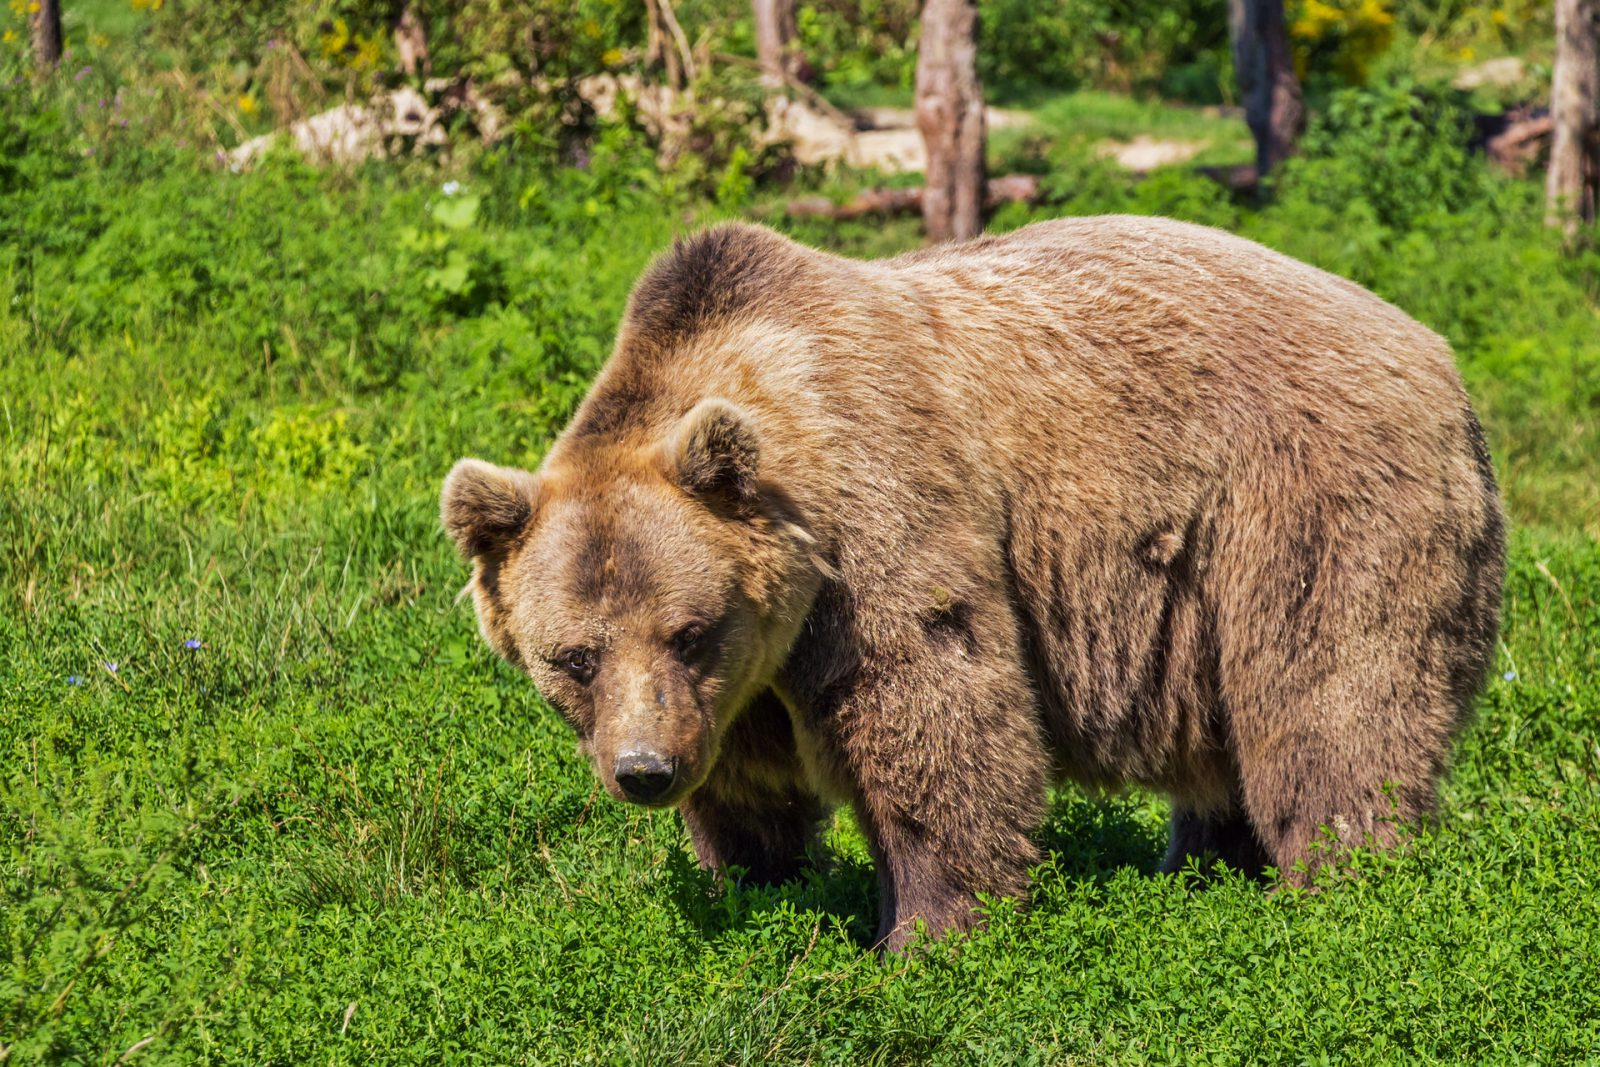 O urso pardo é uma das maiores espécies de ursos que existe.